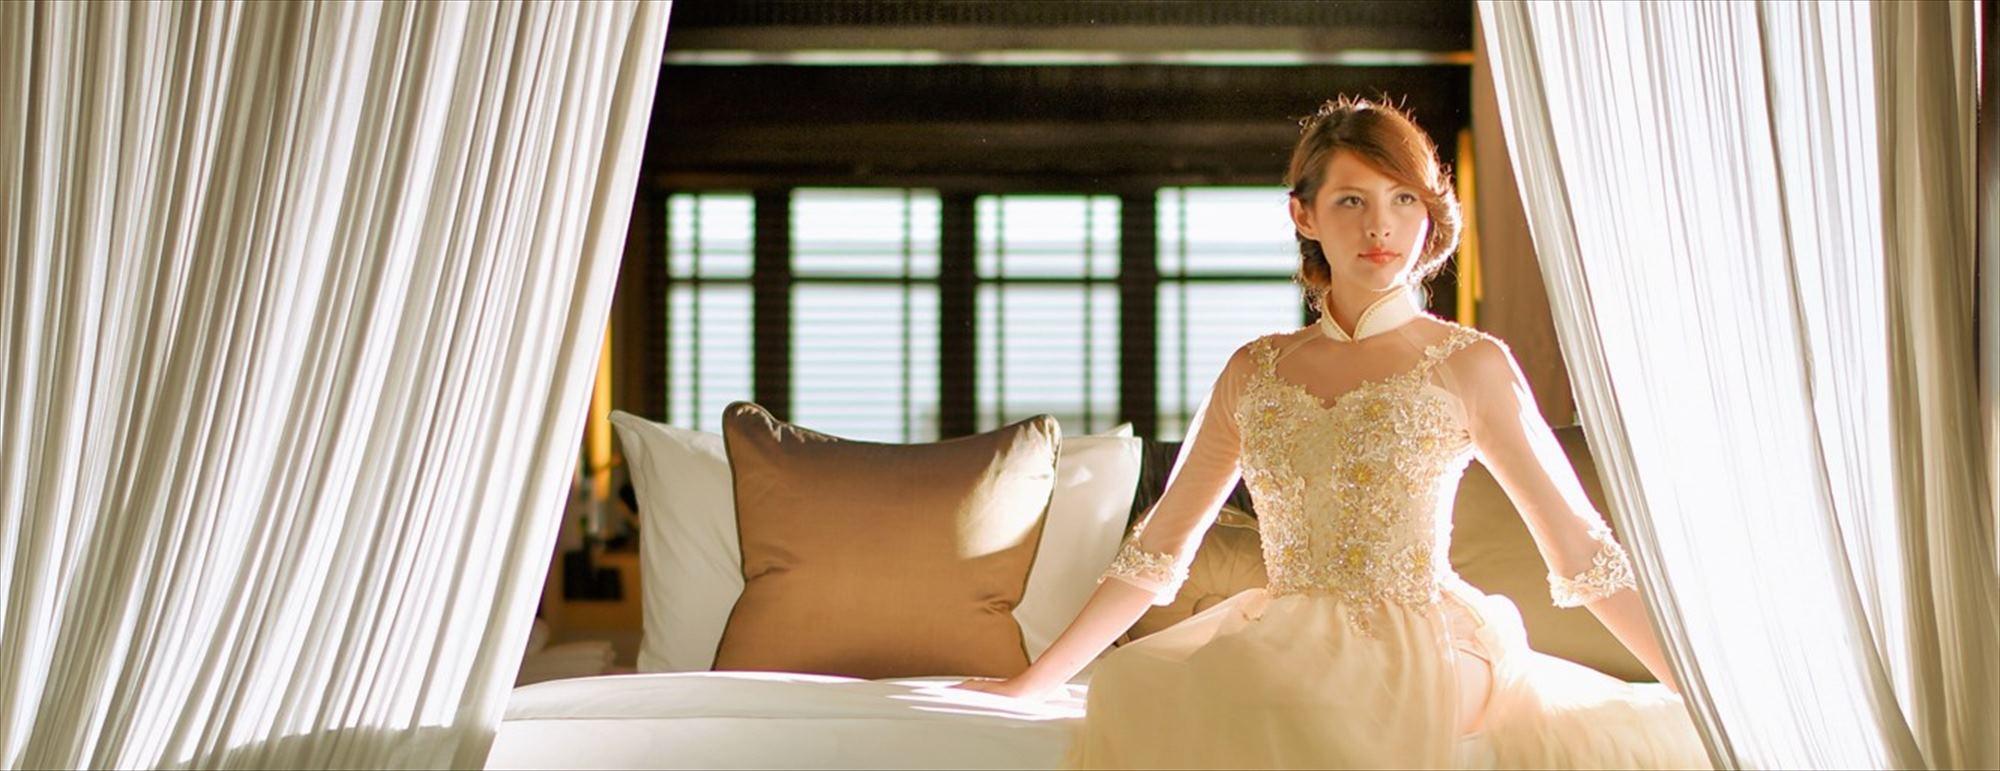 ベトナム・ホイアン・リゾート・フォトウェディング<br /> Four Seasons Resort The Nam Hai Hoi An Wedding<br /> フォーシーズンズ・リゾート・ザ・ナム・ハイ・ホイアン